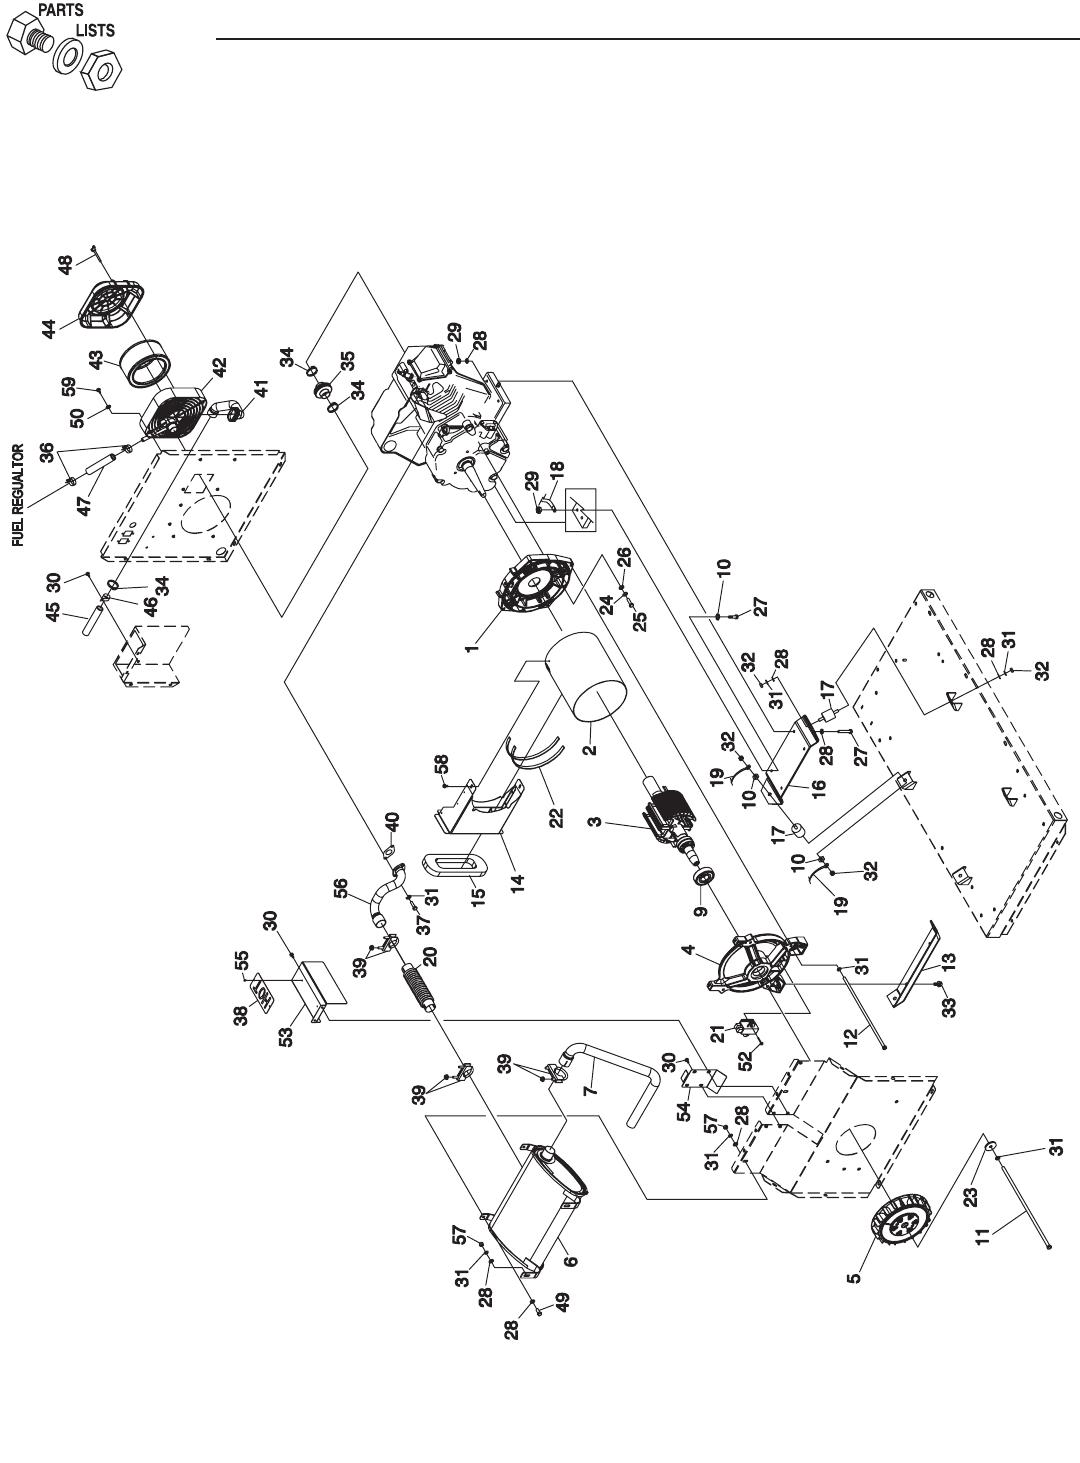 Gm 24 Pin Wiring Diagram